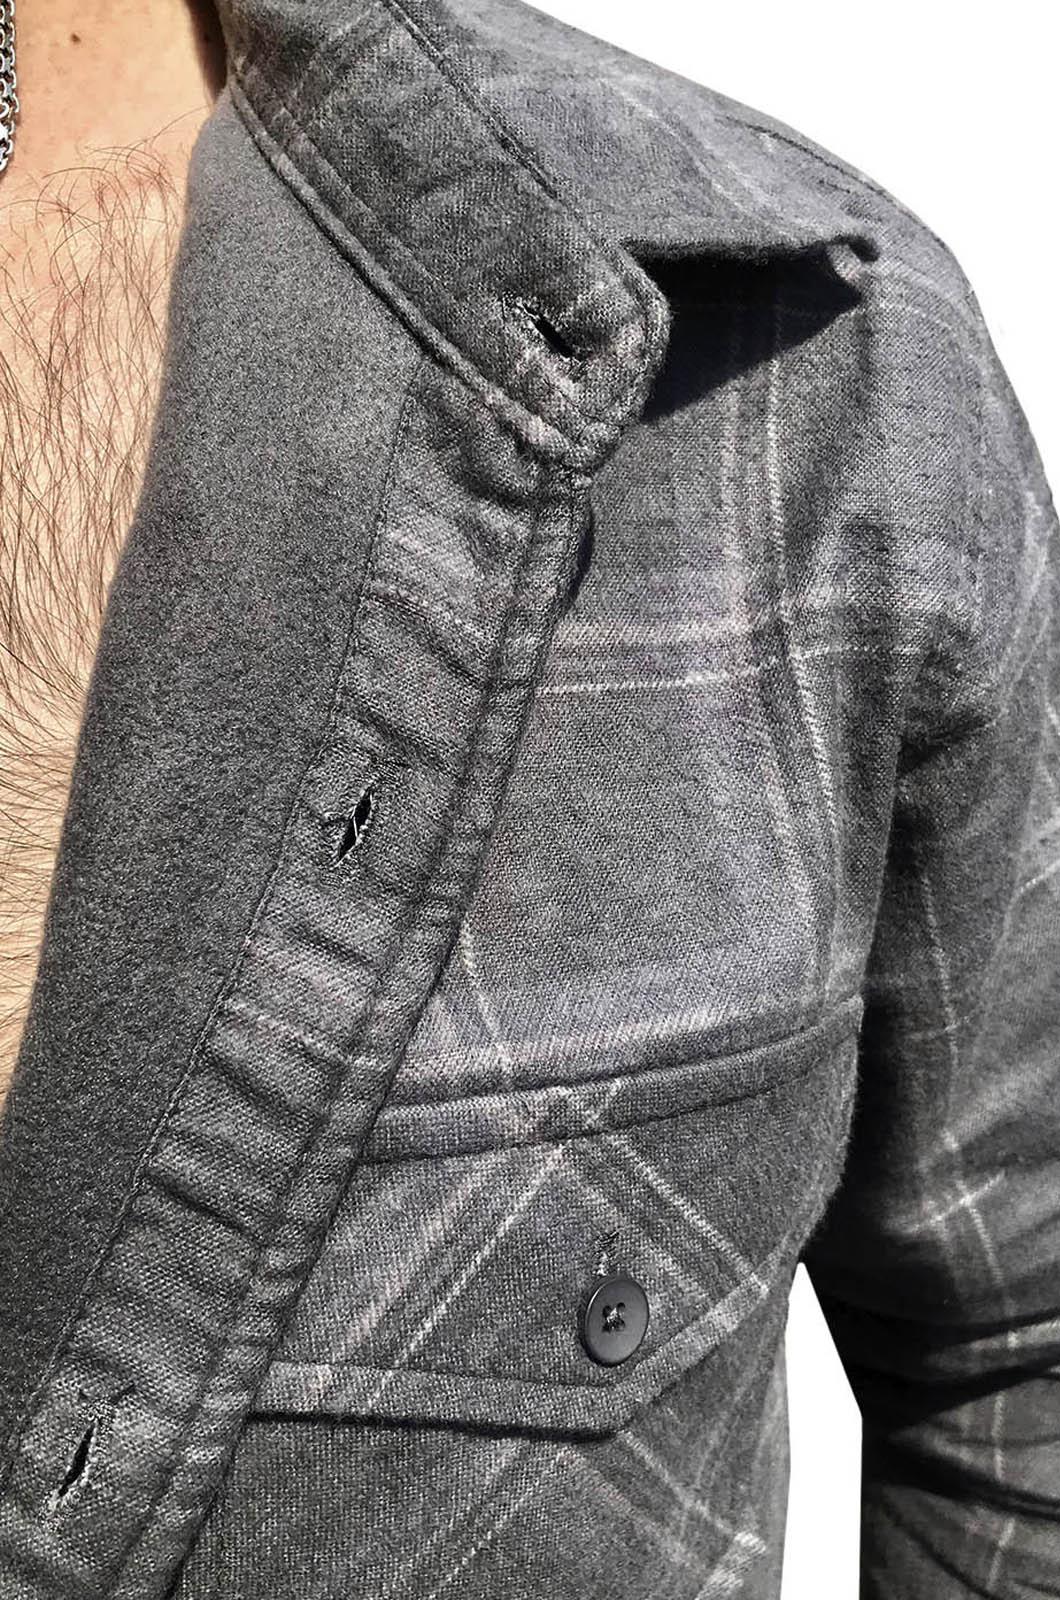 Мужская рубашка с эмблемой Внутренних войск купить по лучшей цене